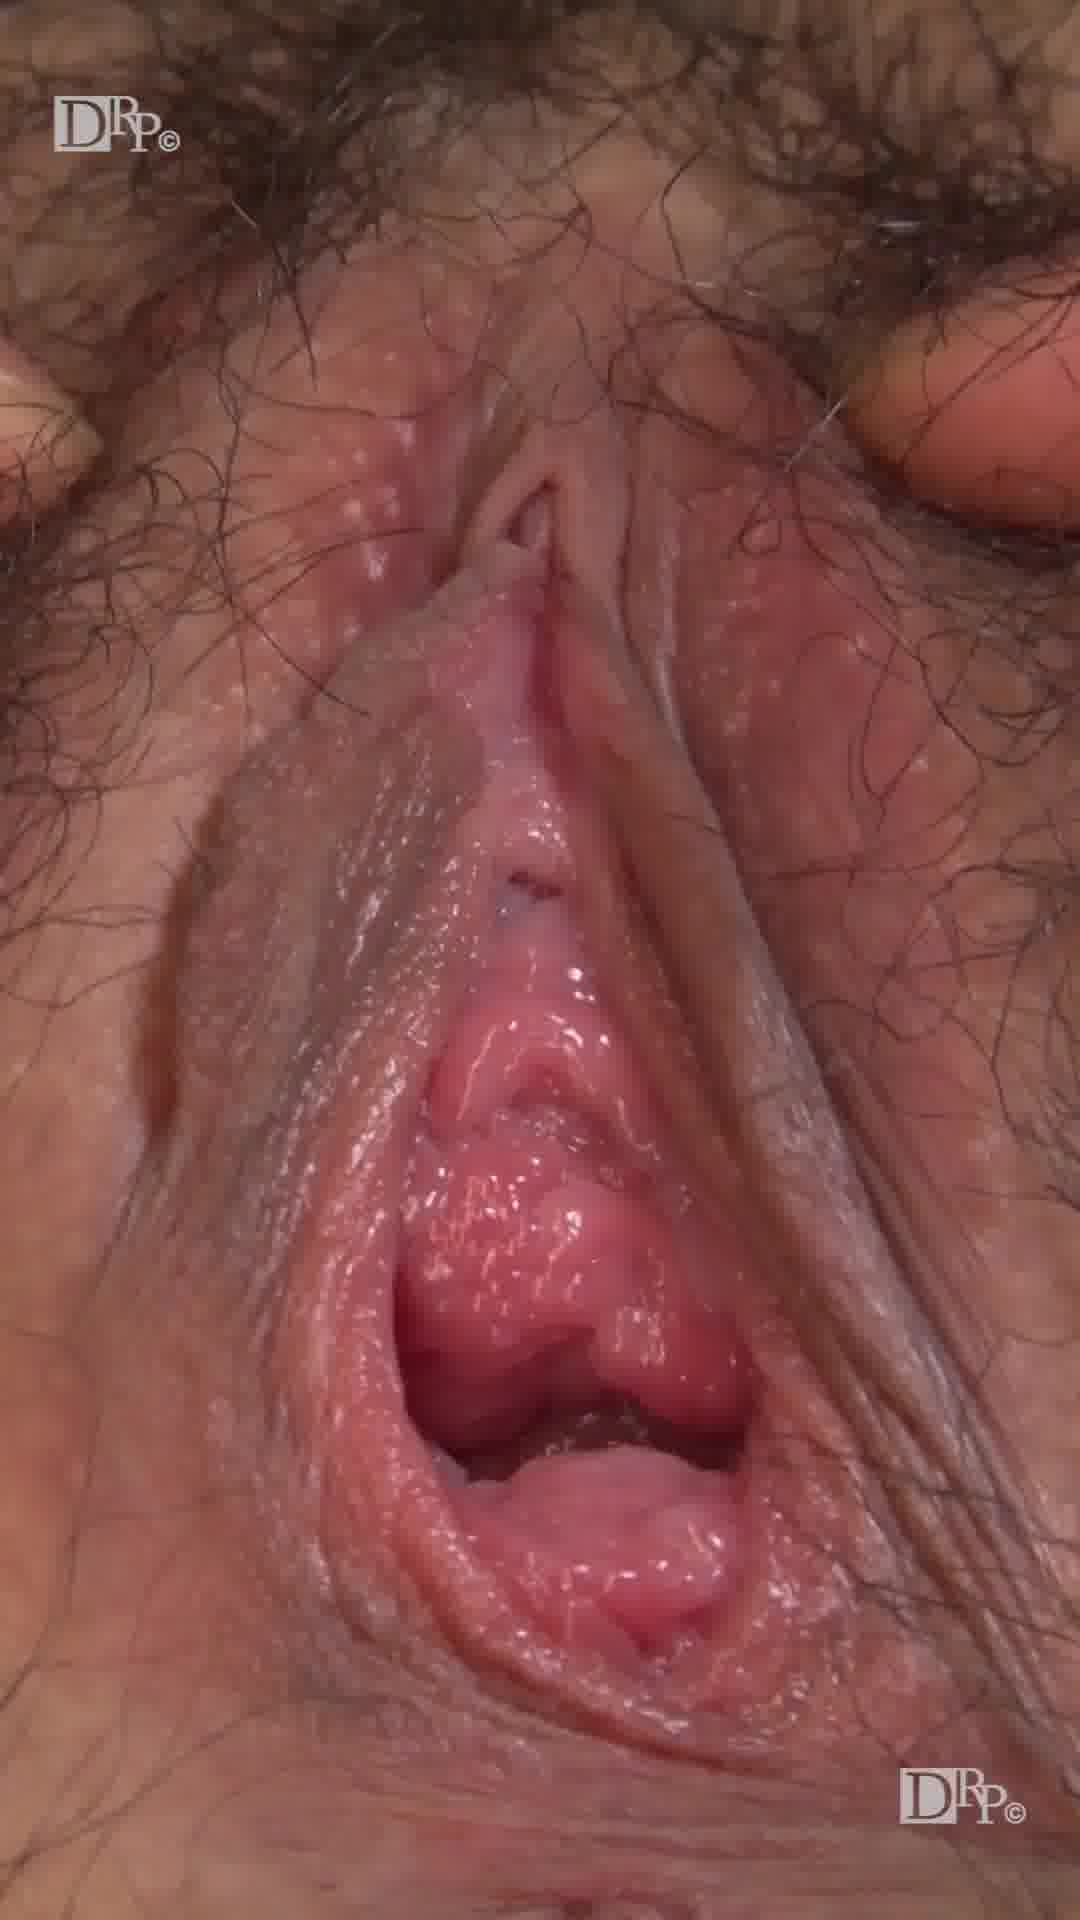 縦型動画 013 ~画面いっぱいの尻穴陰毛~ - 梢あをな【水着・パイズリ・口内発射】